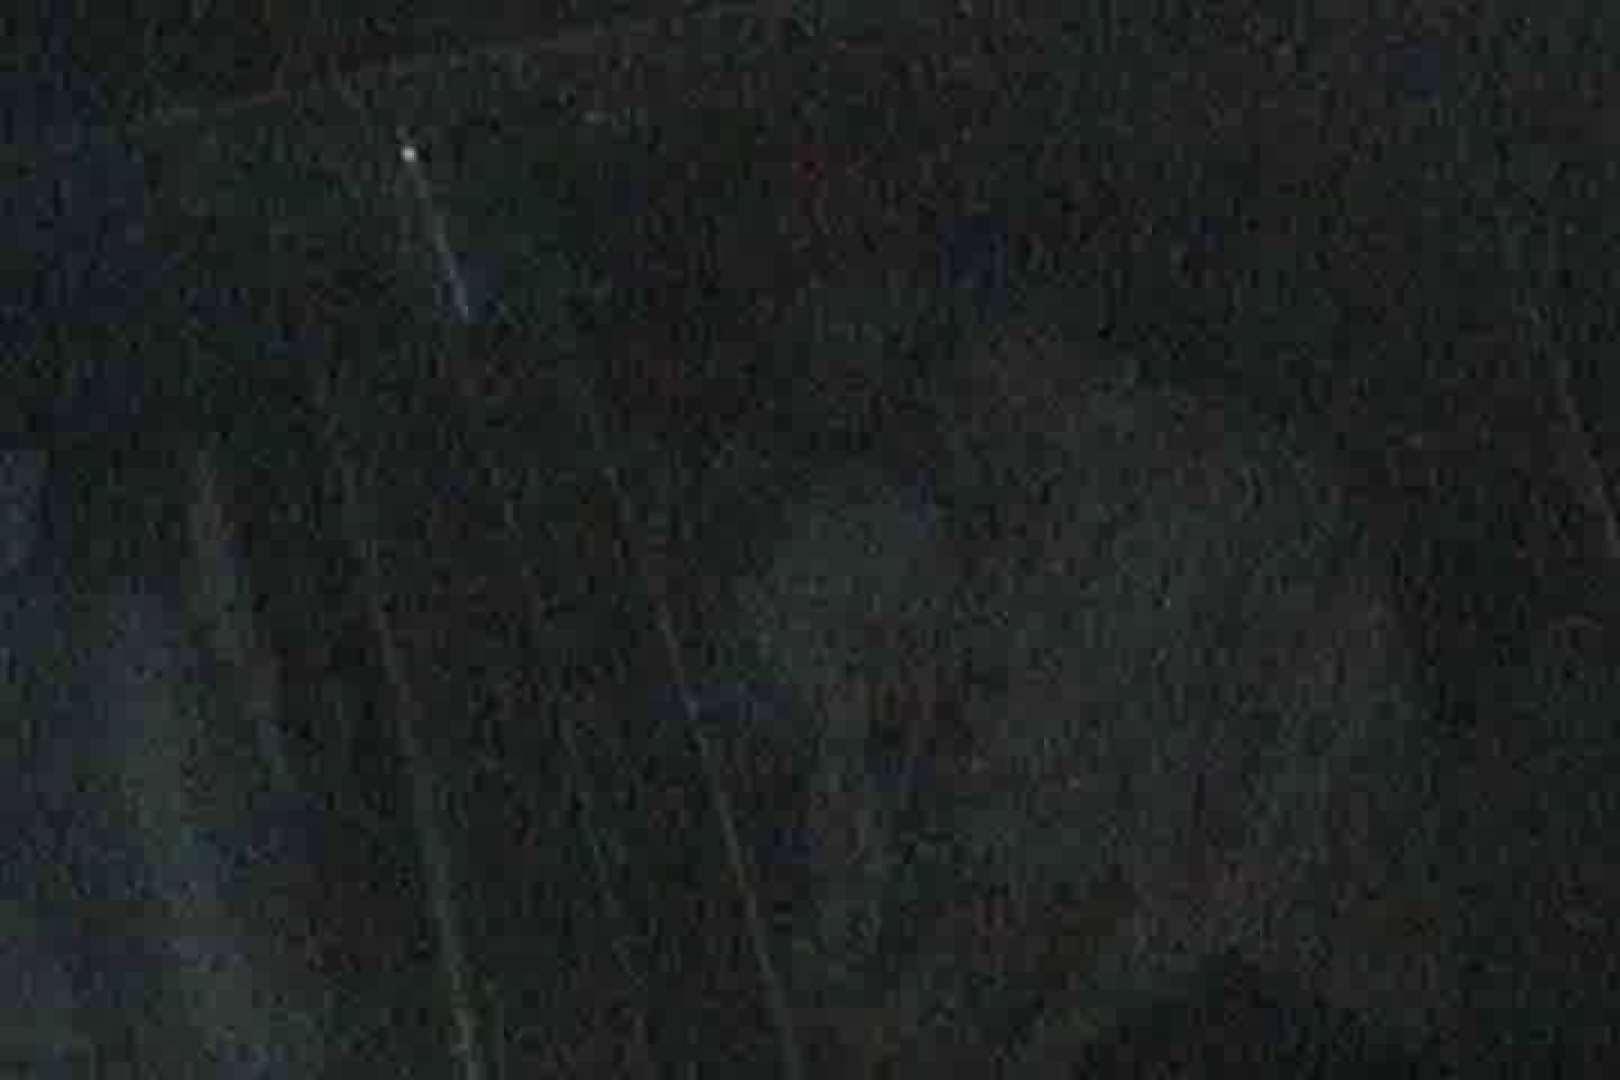 充血監督の深夜の運動会Vol.8 乳首  106画像 40